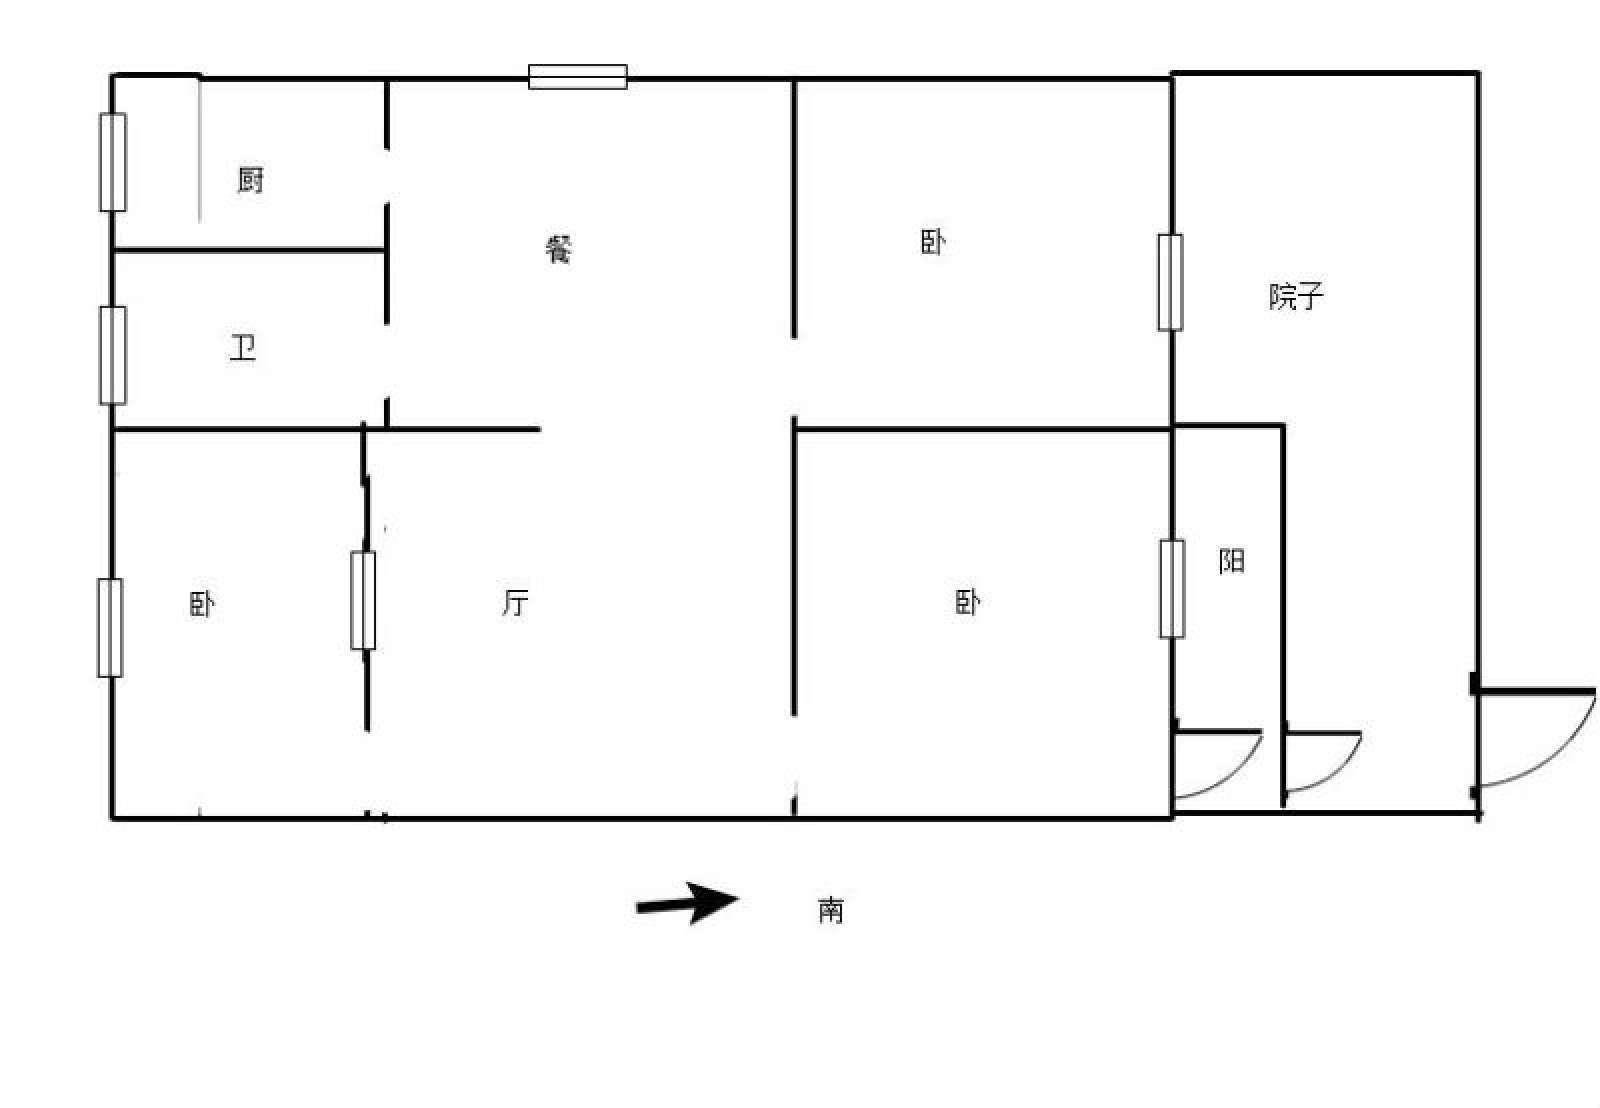 利江花园 3室2厅95㎡